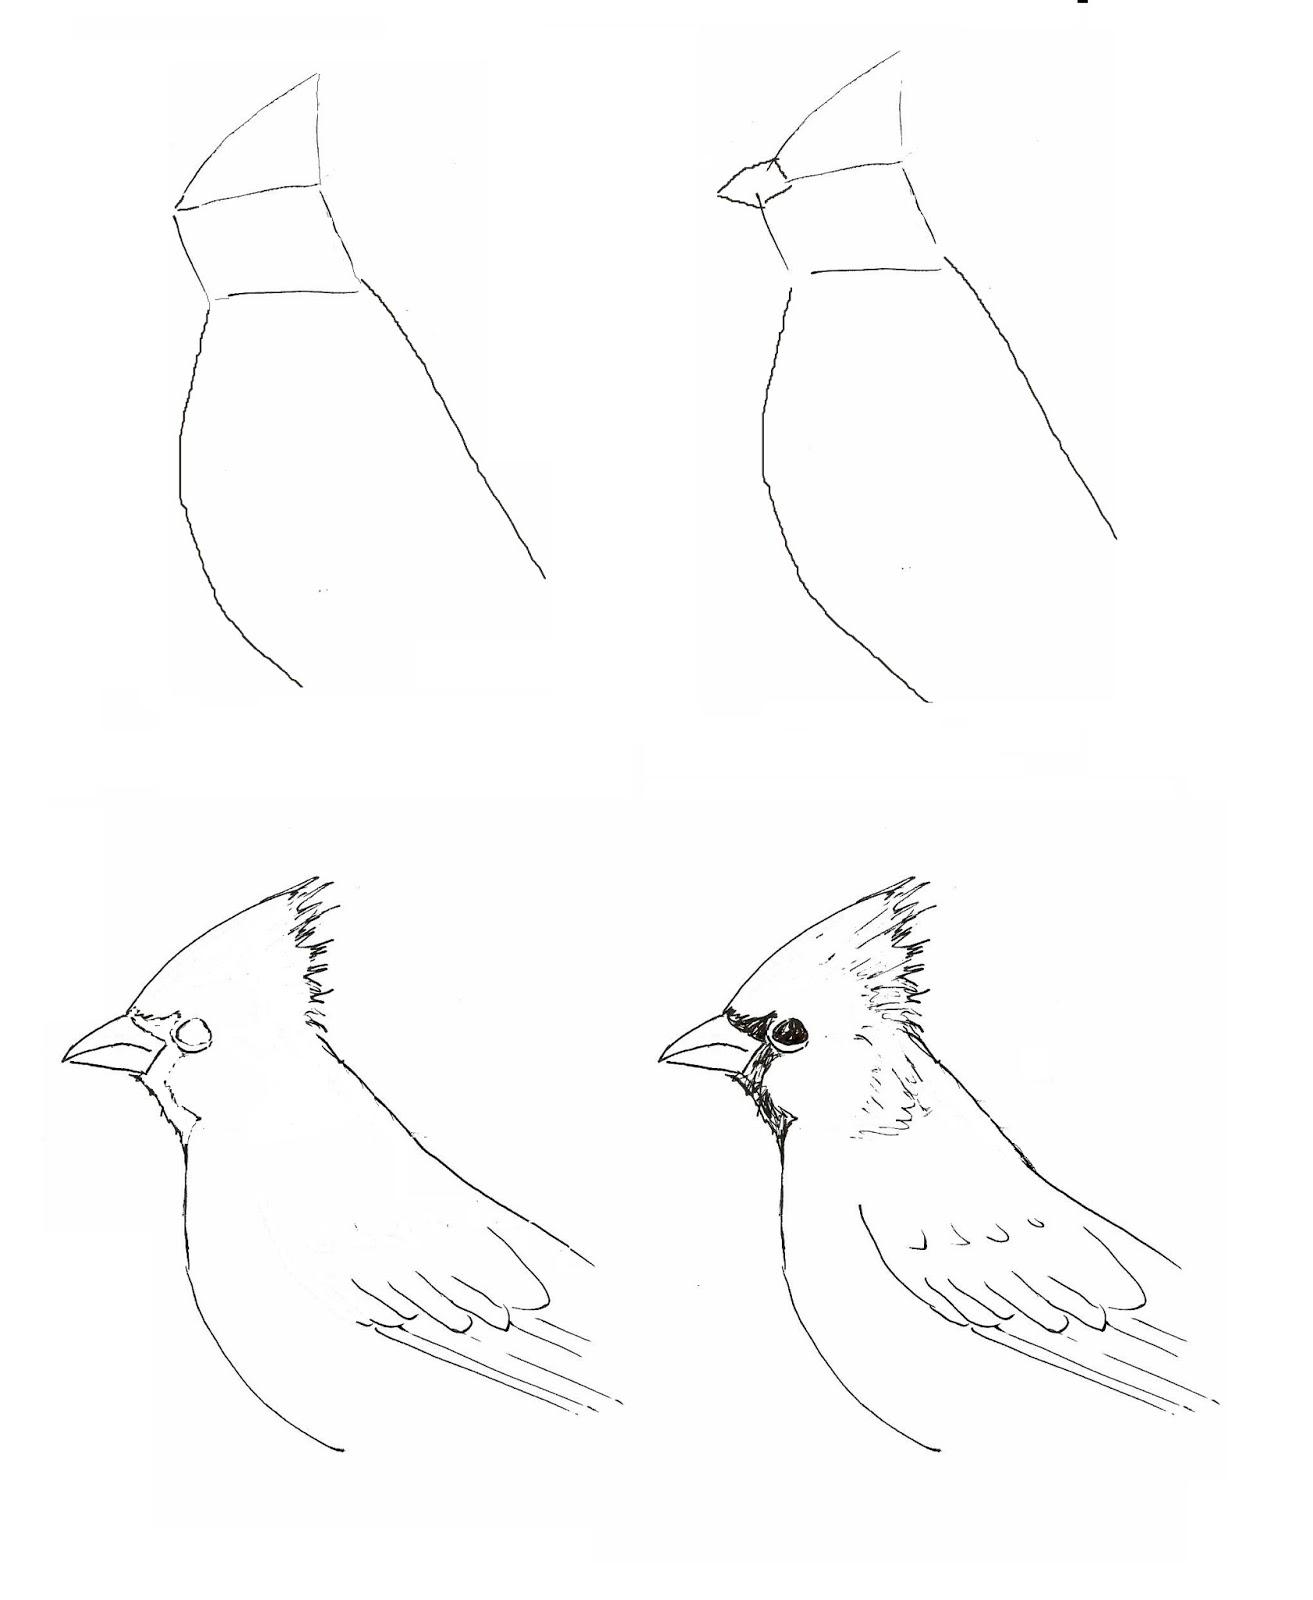 cardinals art class ideas